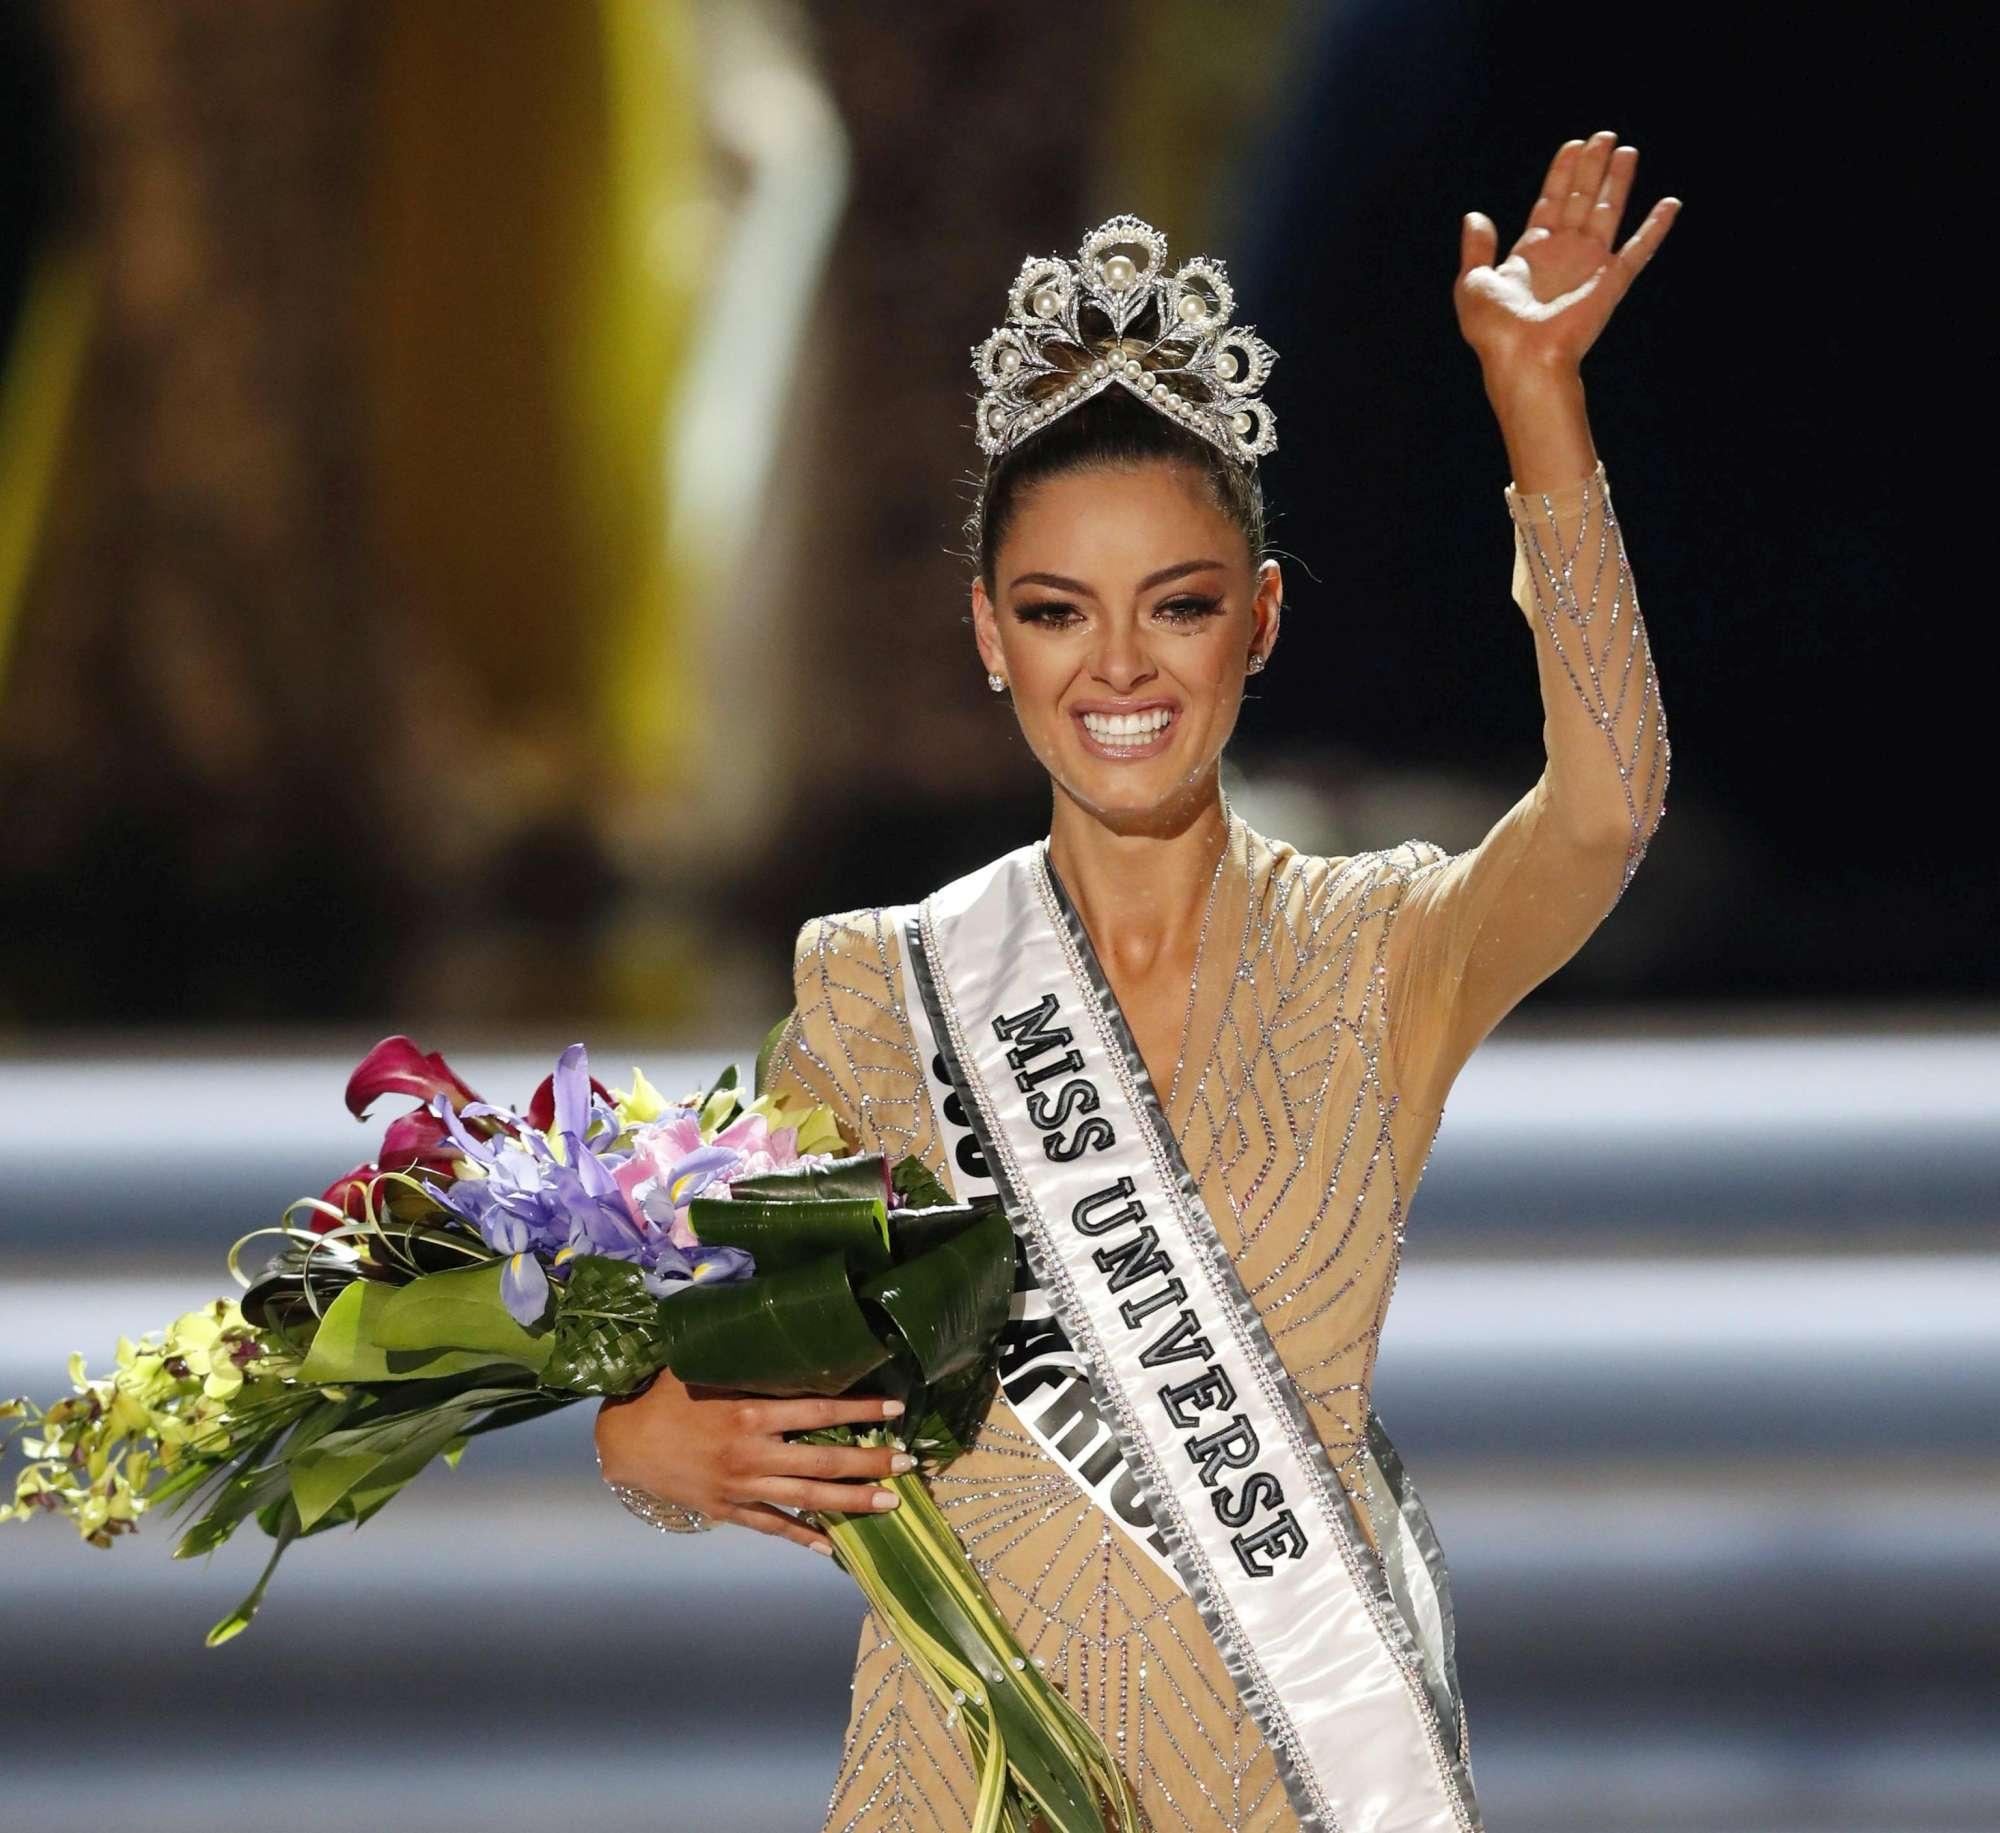 Miss Universo 2017 è Demi-Leigh Nel-Peters